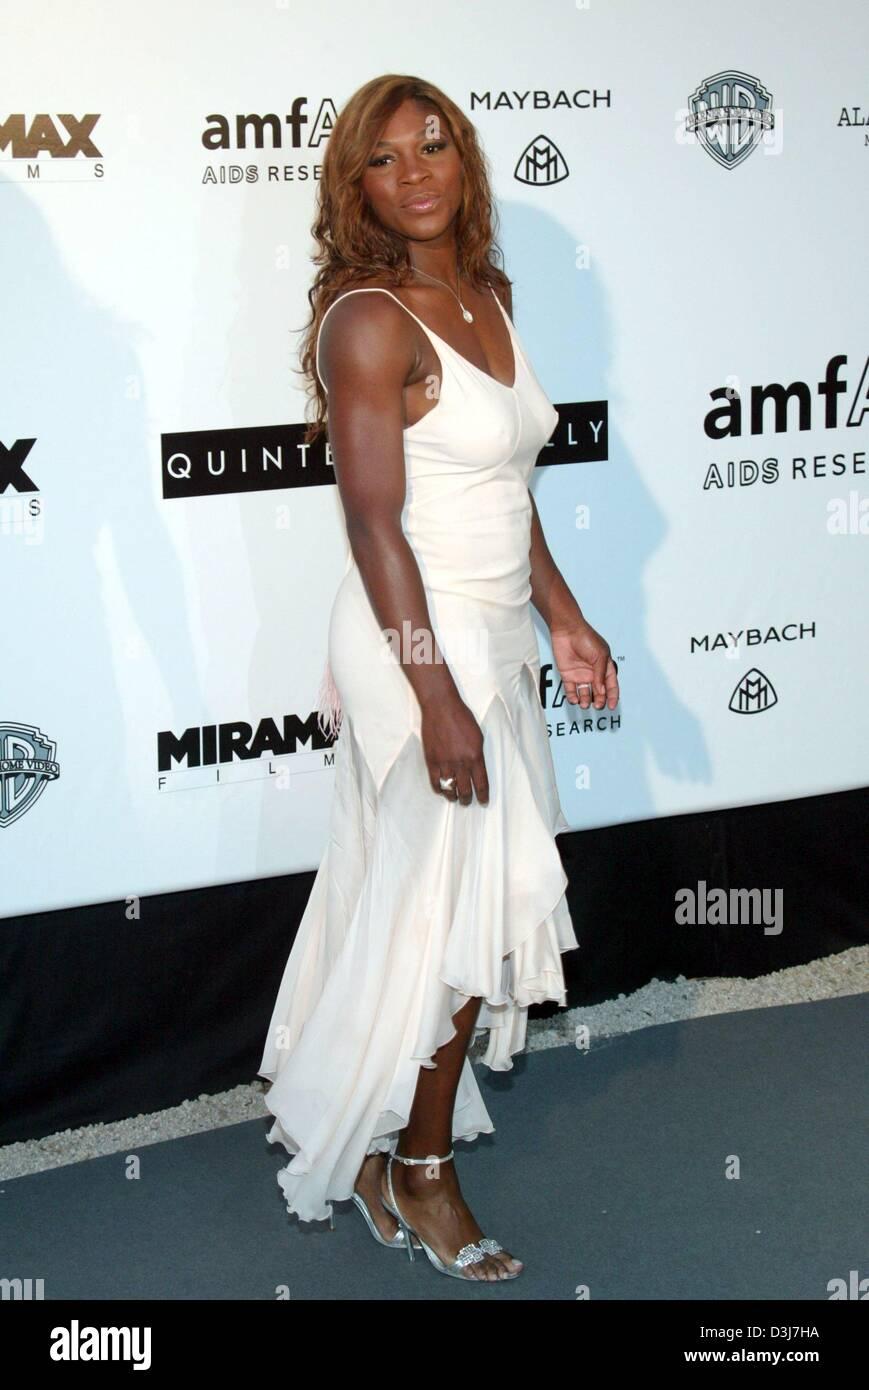 (Dpa) - La tenista estadounidense Serena Williams posa para las cámaras en el cine amfAR contra el SIDA evento de caridad en el Moulin de Mougins, cerca de Cannes, Francia, el 20 de mayo de 2004. Foto de stock